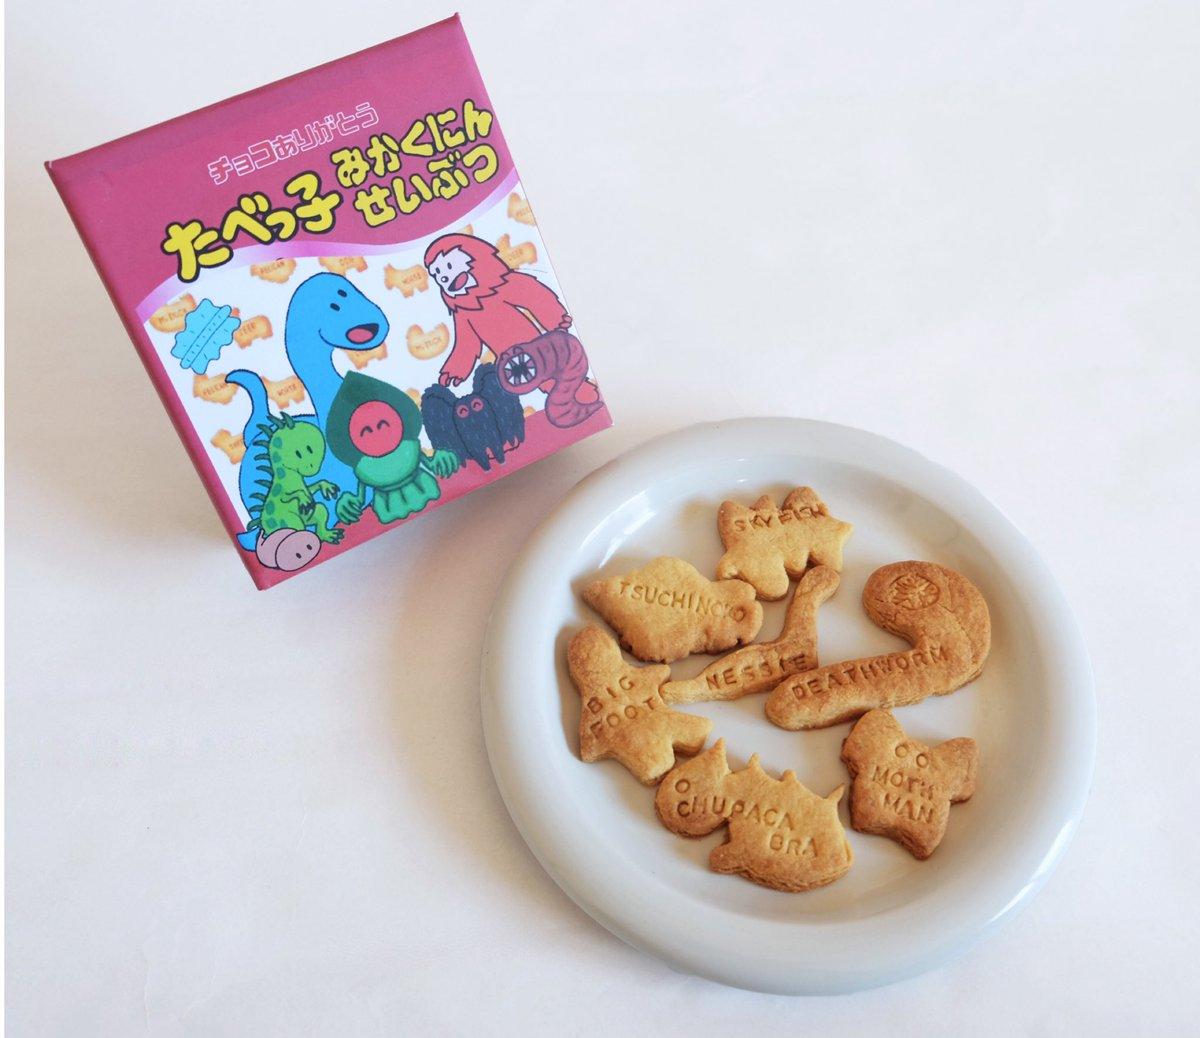 「たべっ子どうぶつ」のアイシングクッキーがこちら!どれも細かくてカラフルで可愛い!